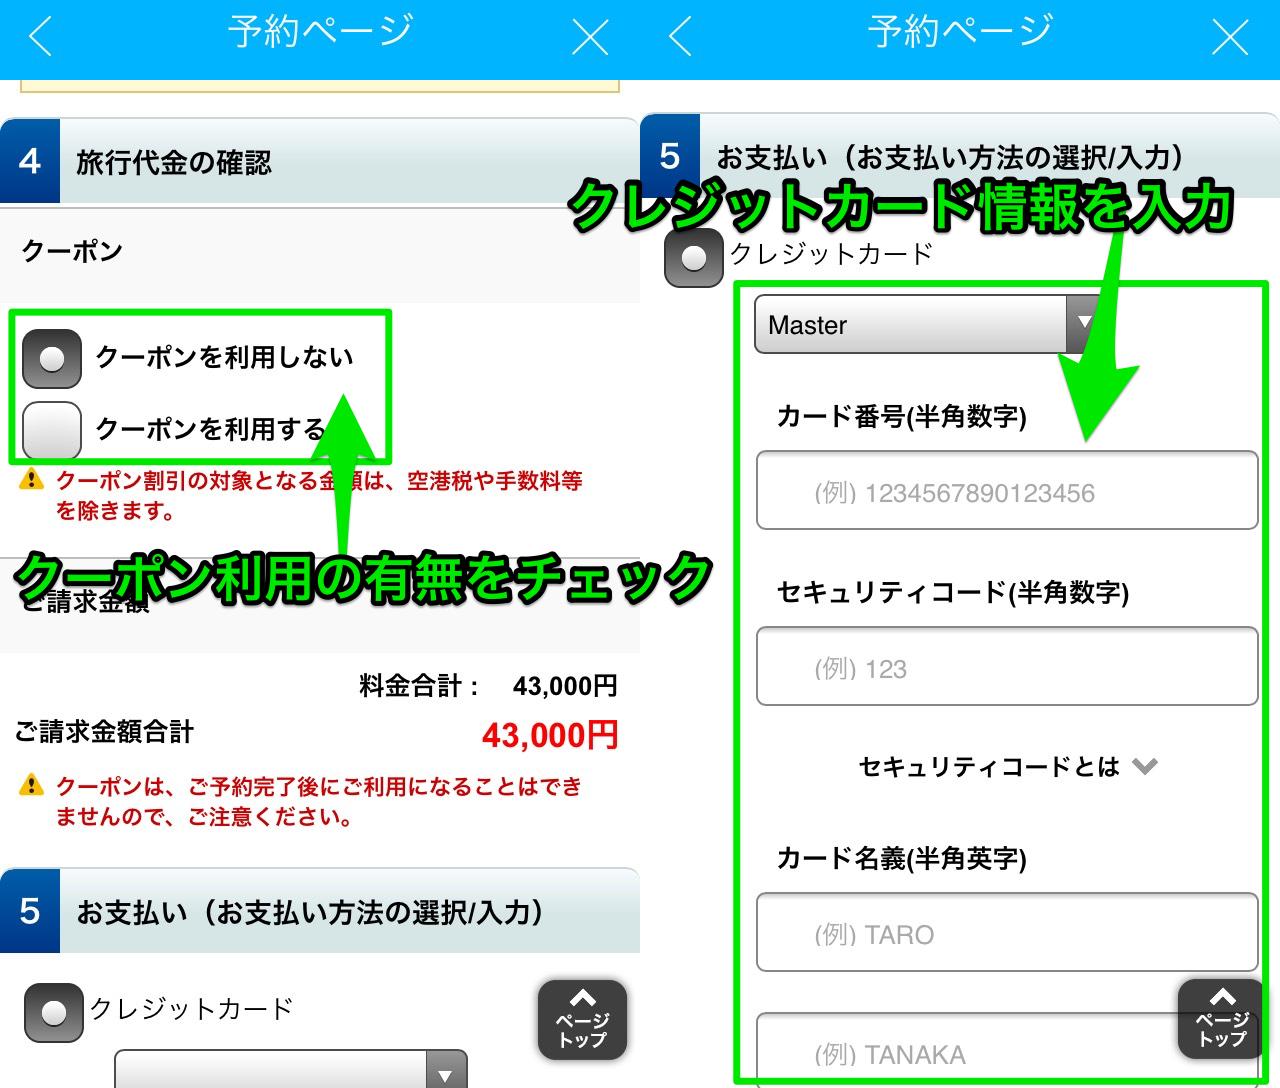 H.I.S.アプリ「航空券・ホテル」でクーポン利用画面